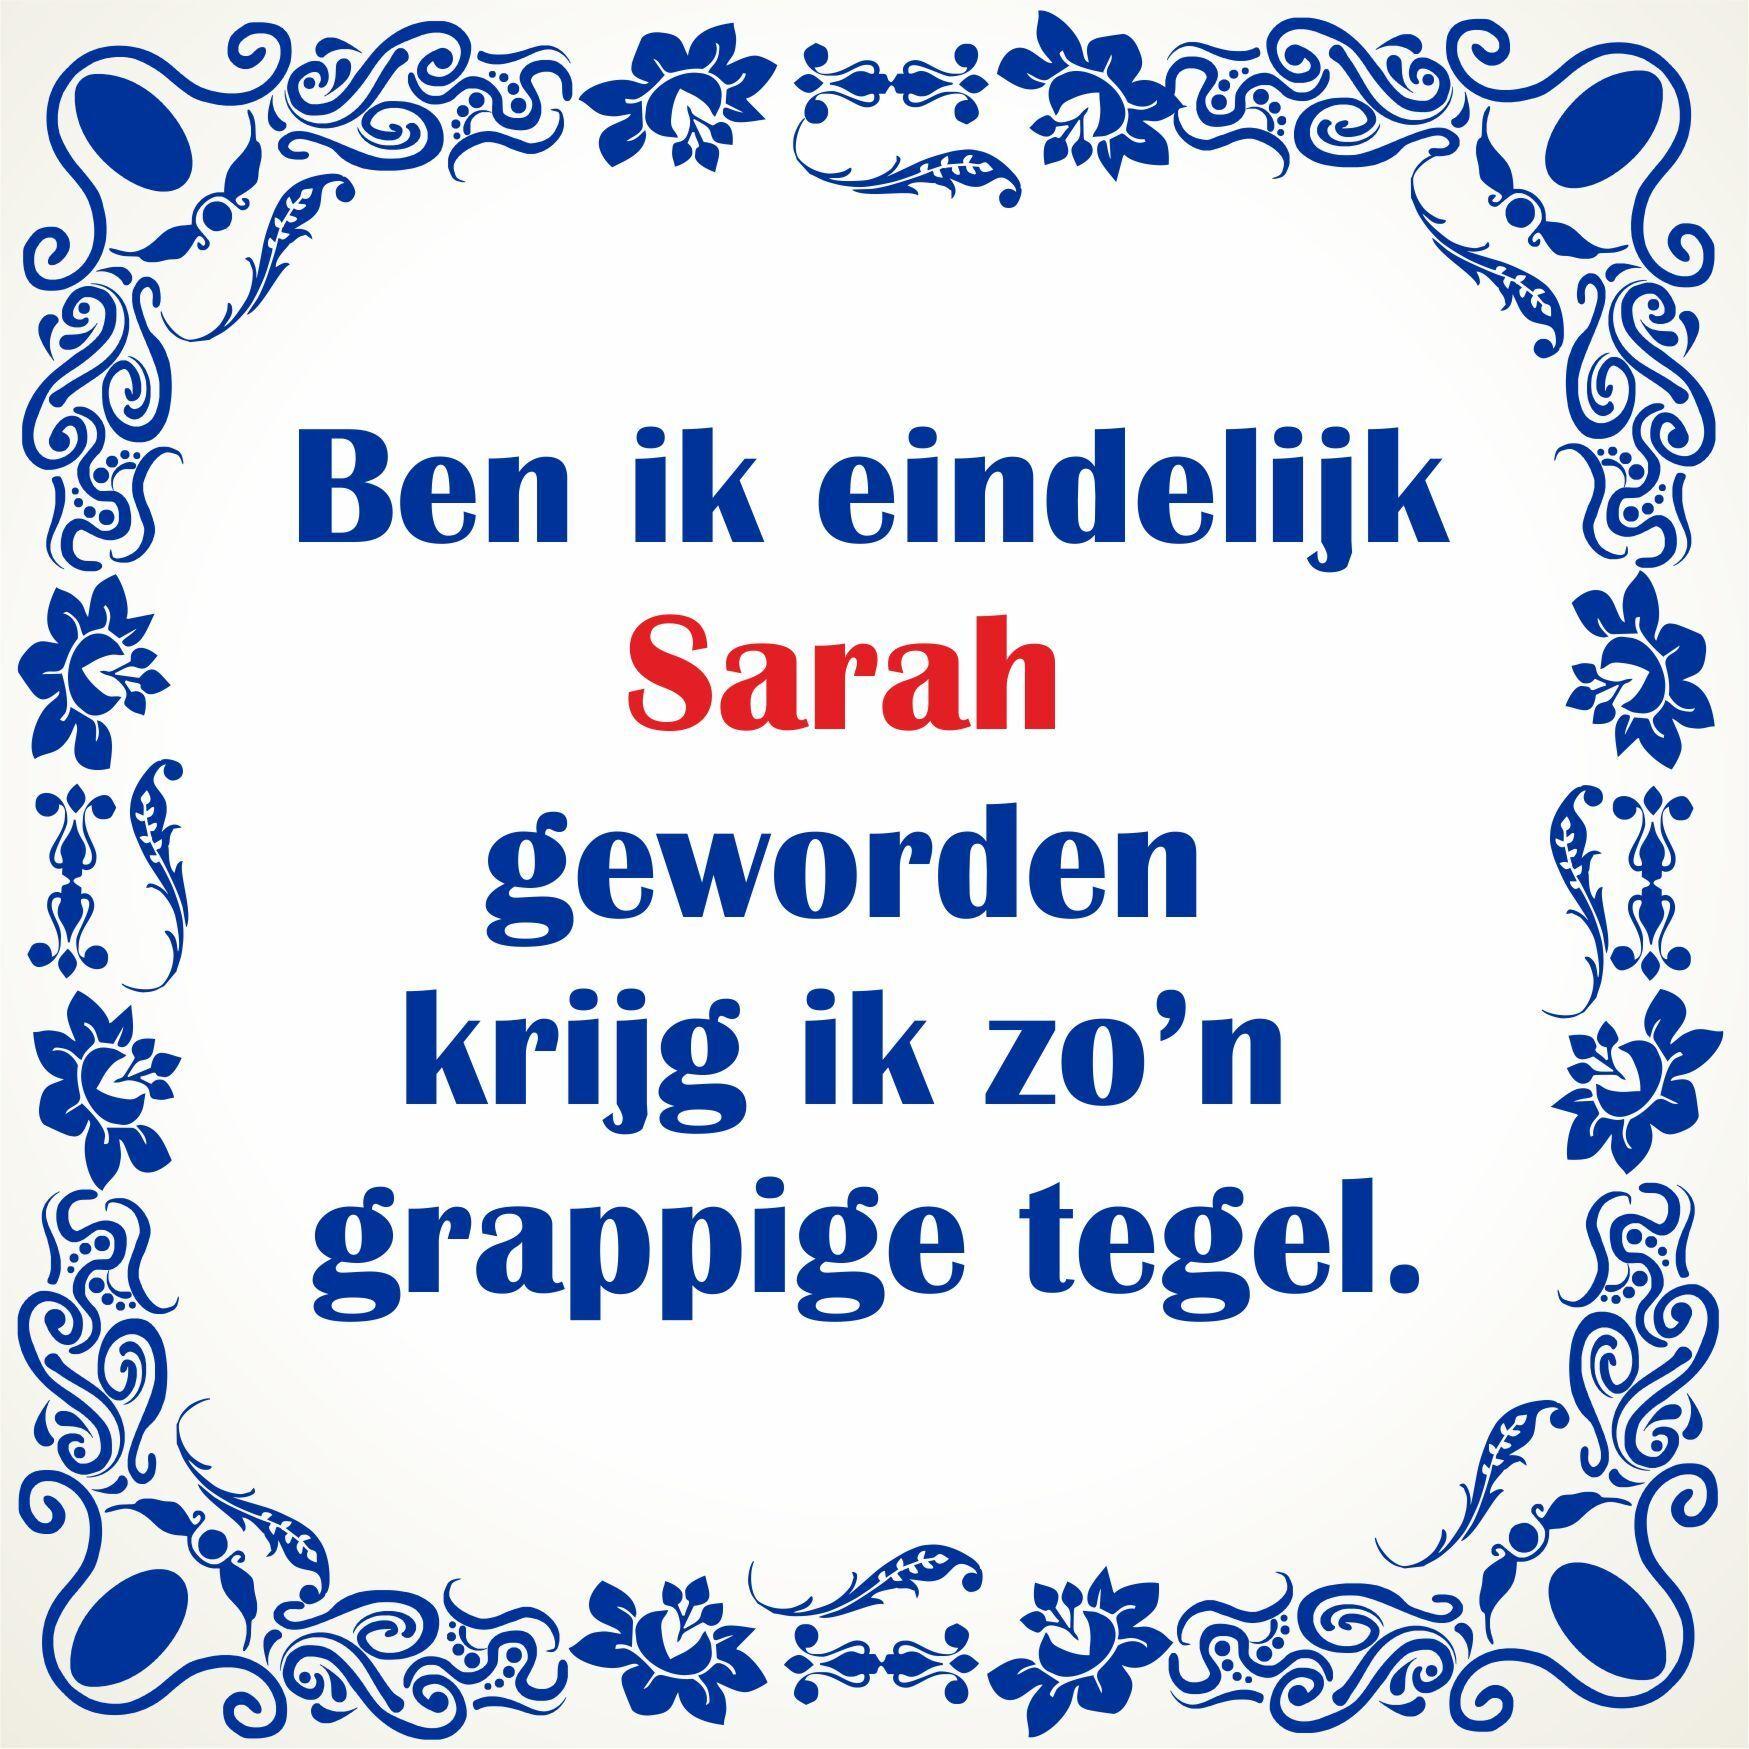 Voorkeur Grappige spreukentegel Sarah jaar verjaardag &PT64